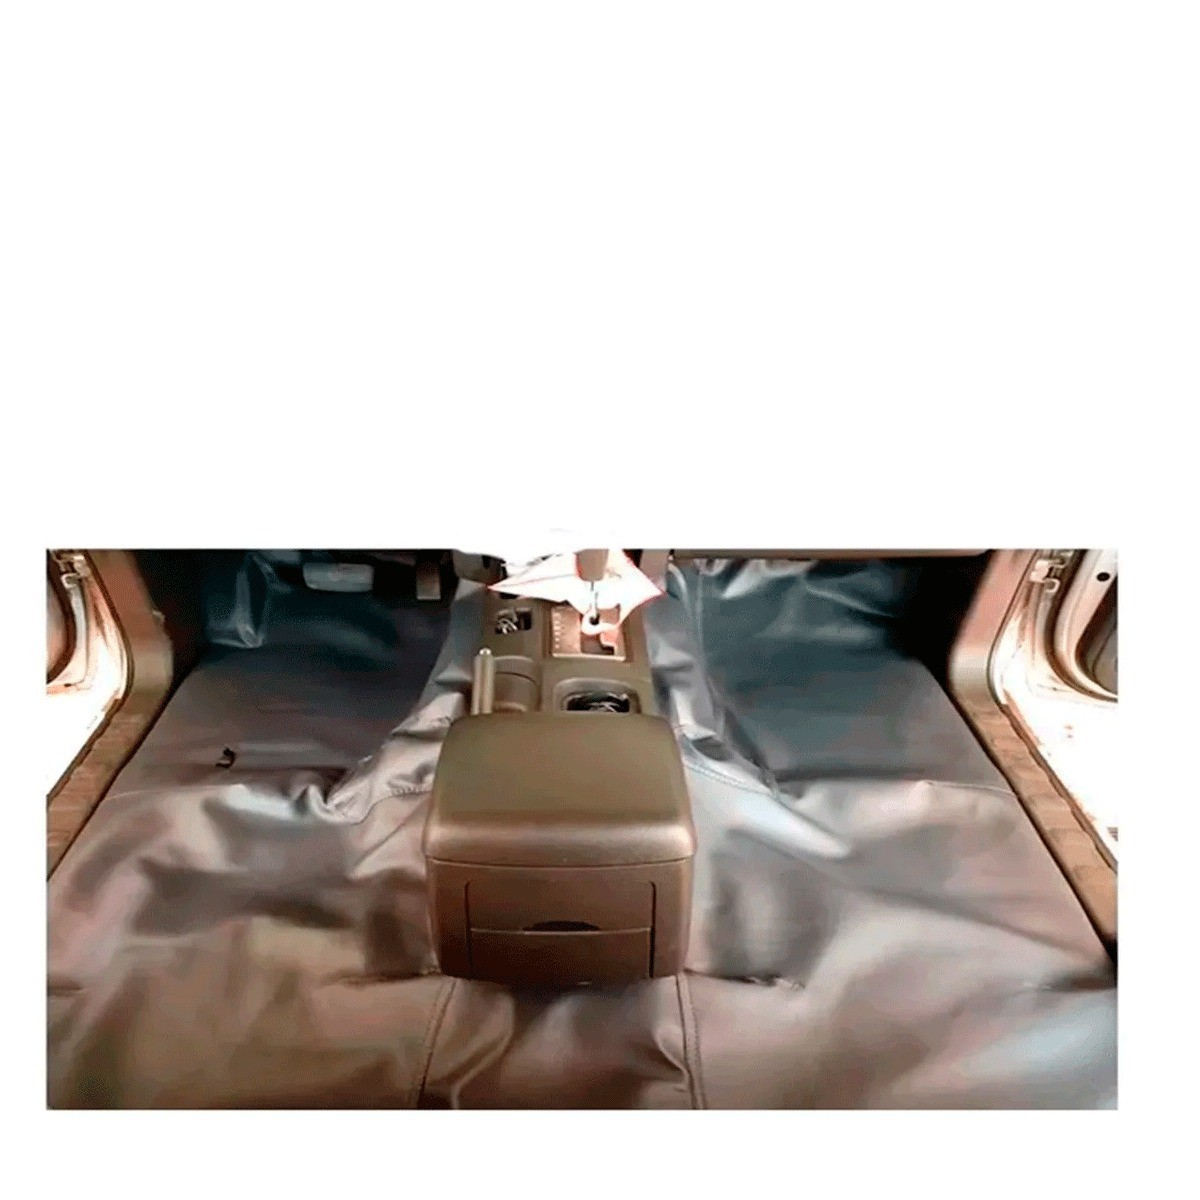 Tapete Automotivo Assoalho Emborrachado Bidim Volkswagen Parati G4 4 PORTAS